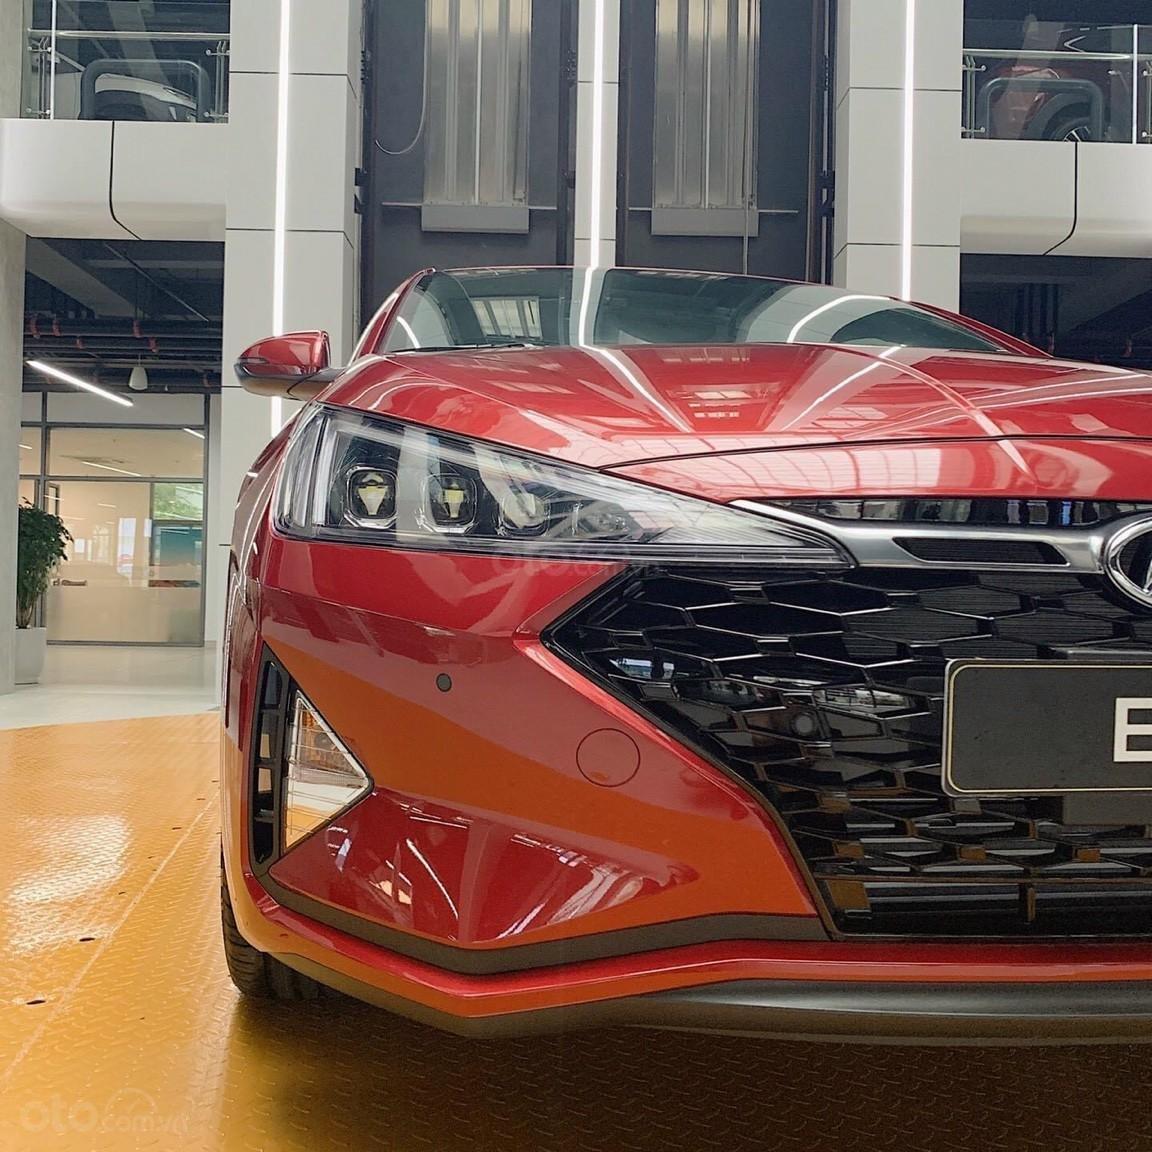 Chỉ từ 150tr đã có xe Hyundai Elantra chính hãng _ giao xe ngay đủ màu + đủ phiên bản, giá tốt nhất miền Nam (5)